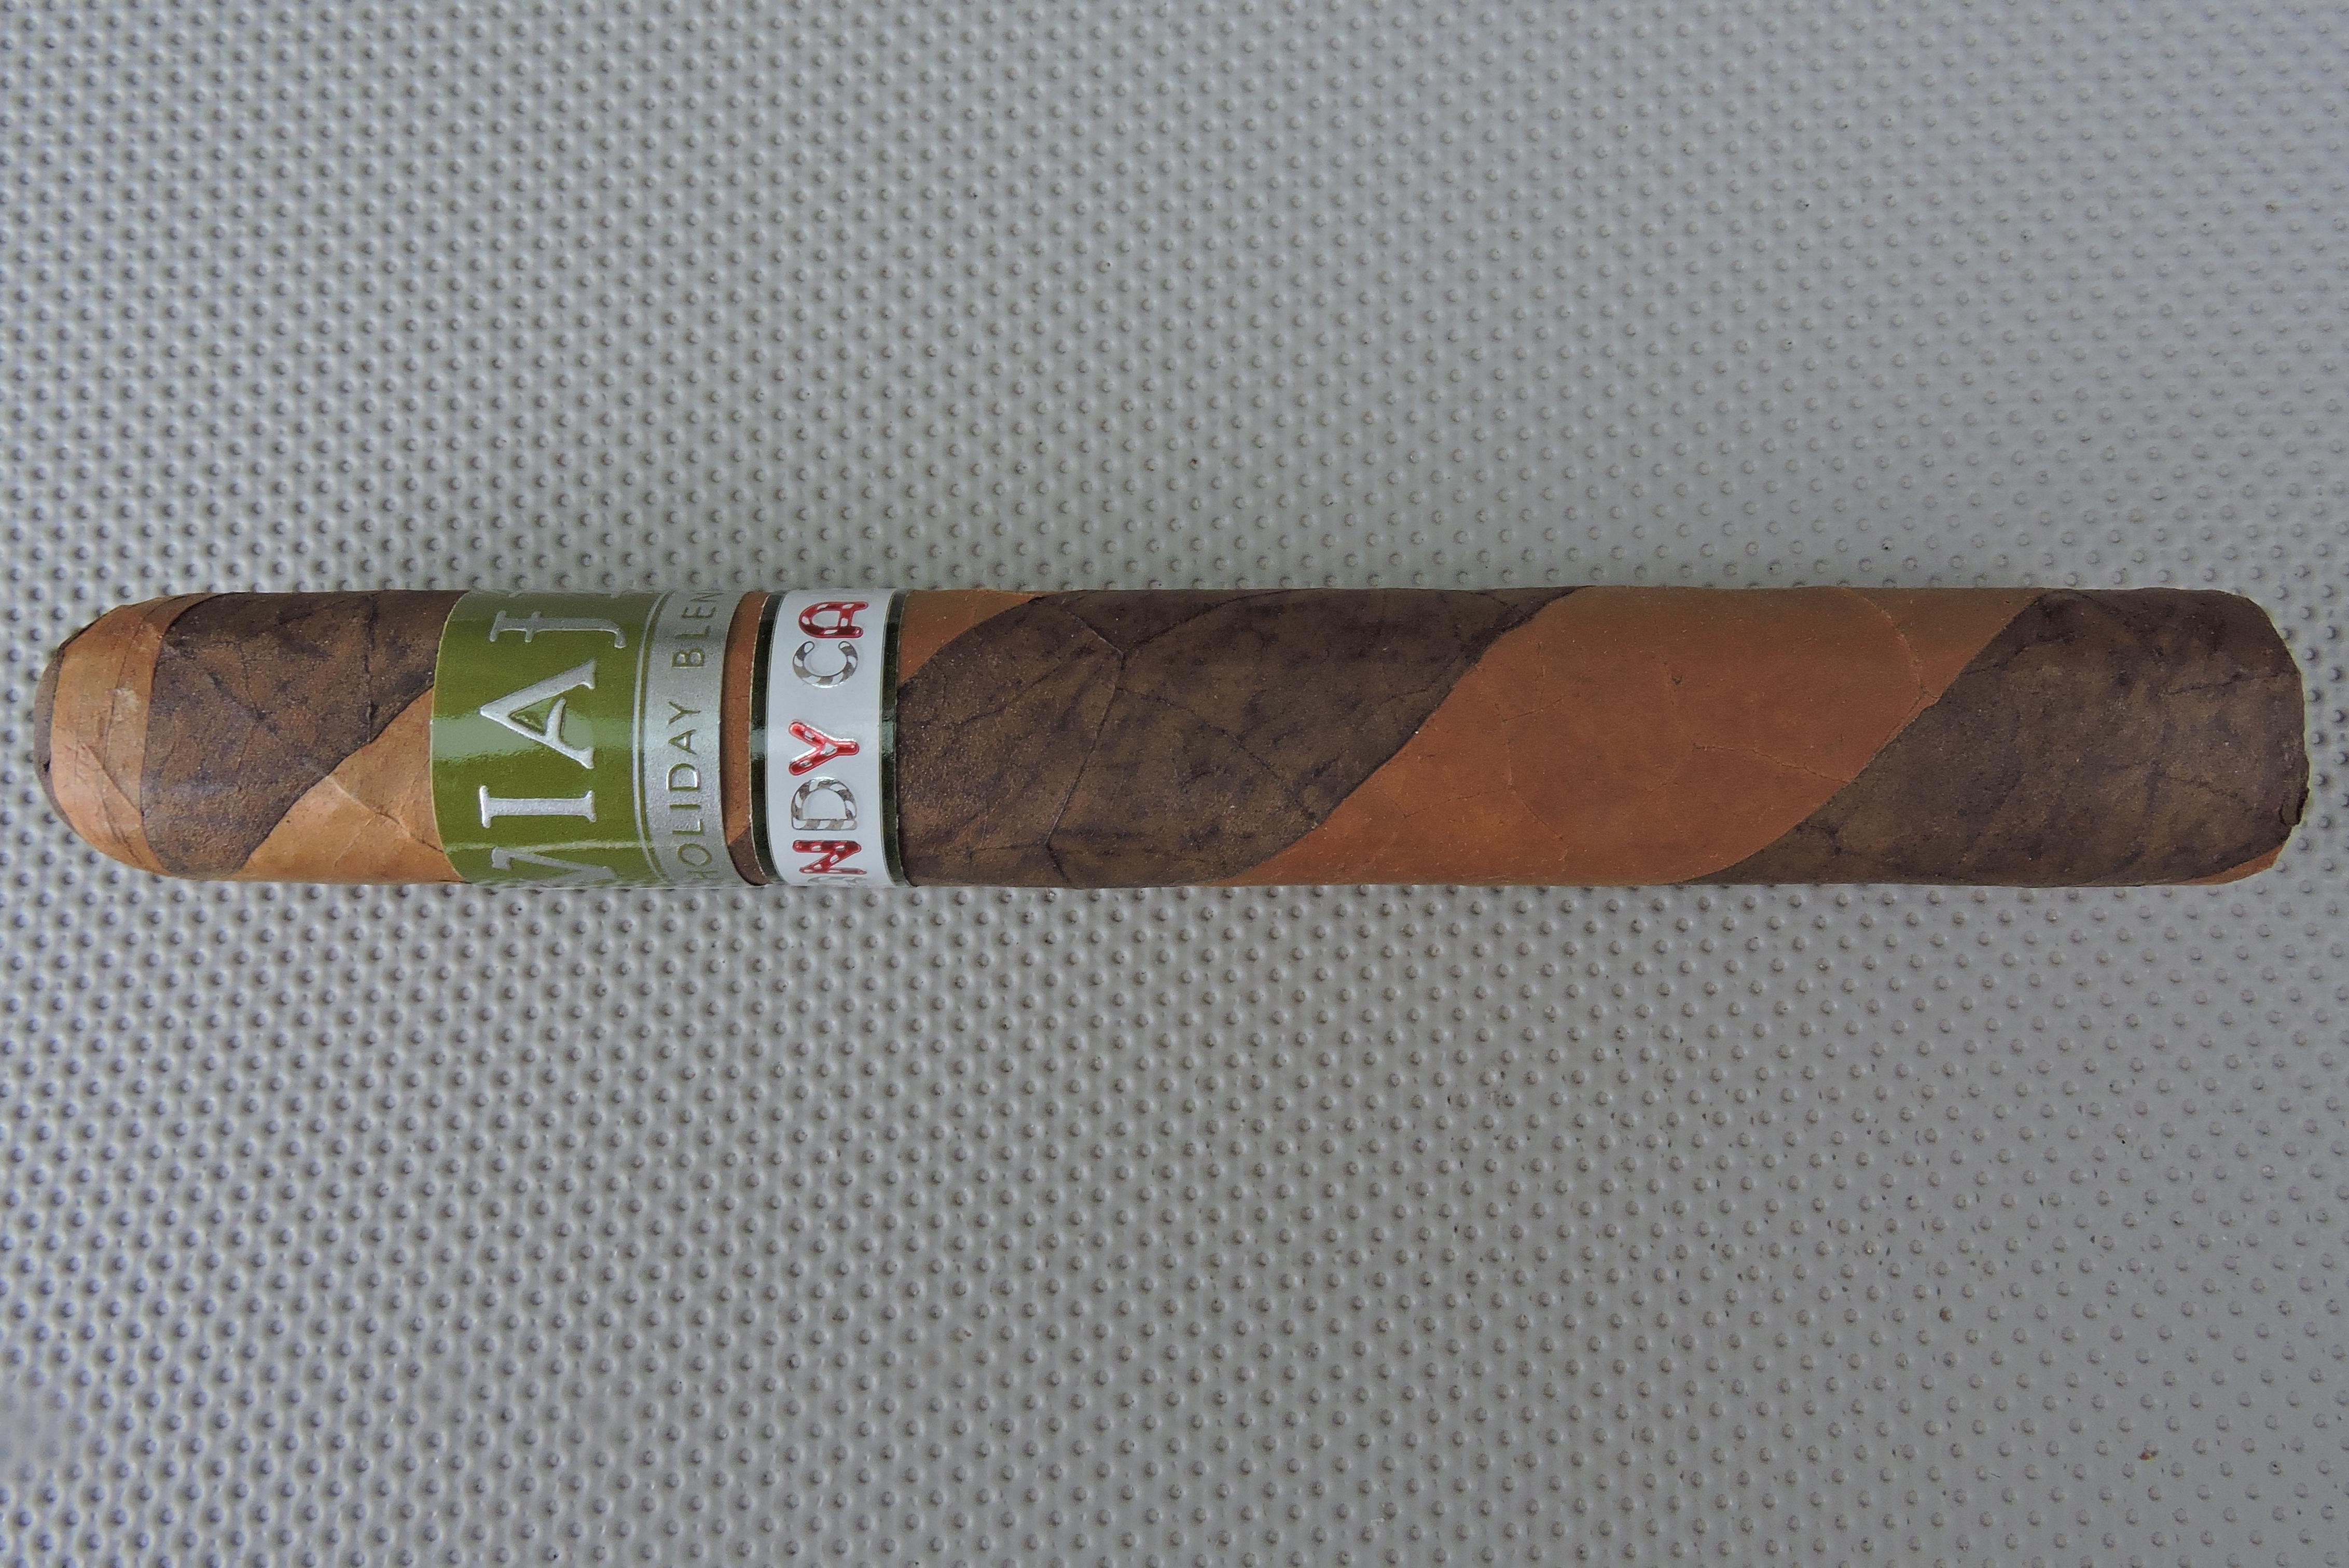 Cigar Review: Viaje Holiday Blend Candy Cane Edición Limitada 2015